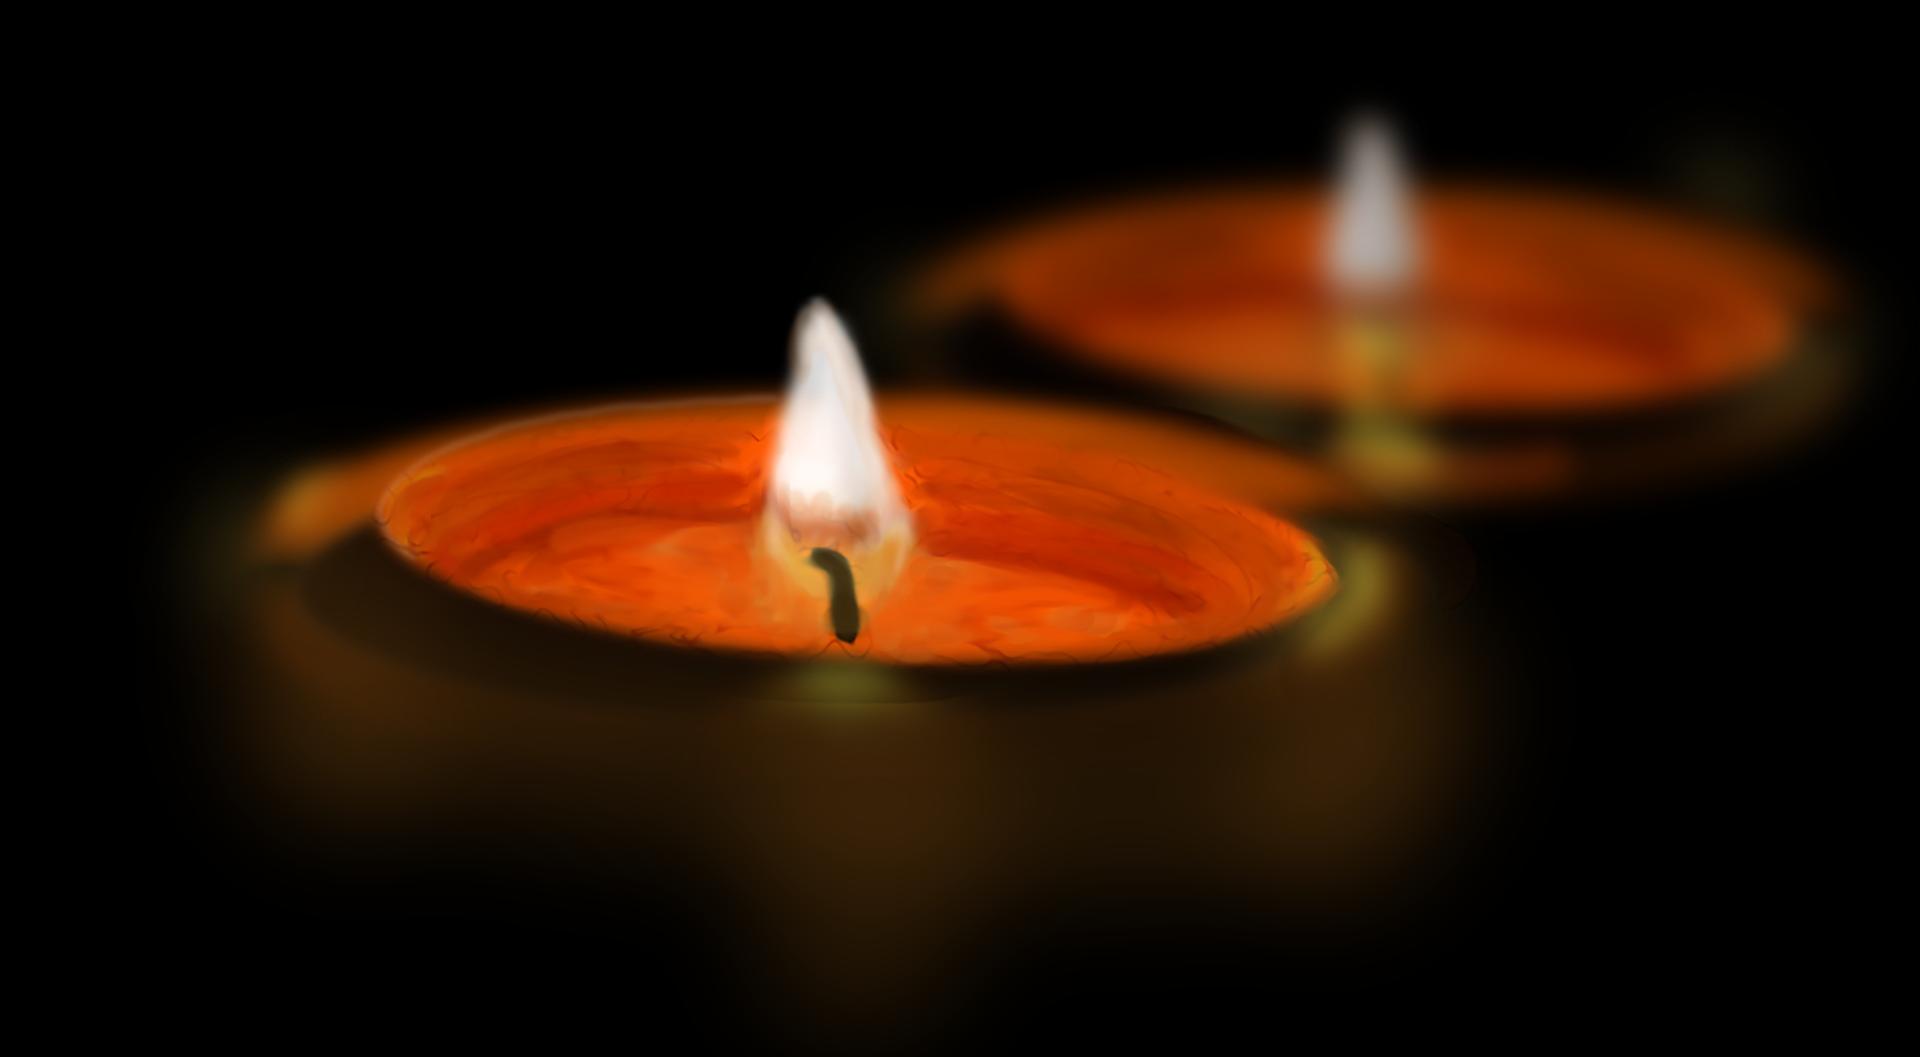 candle 3788818 1920 waskie - Czas listopadowej zadumy wduchu eko